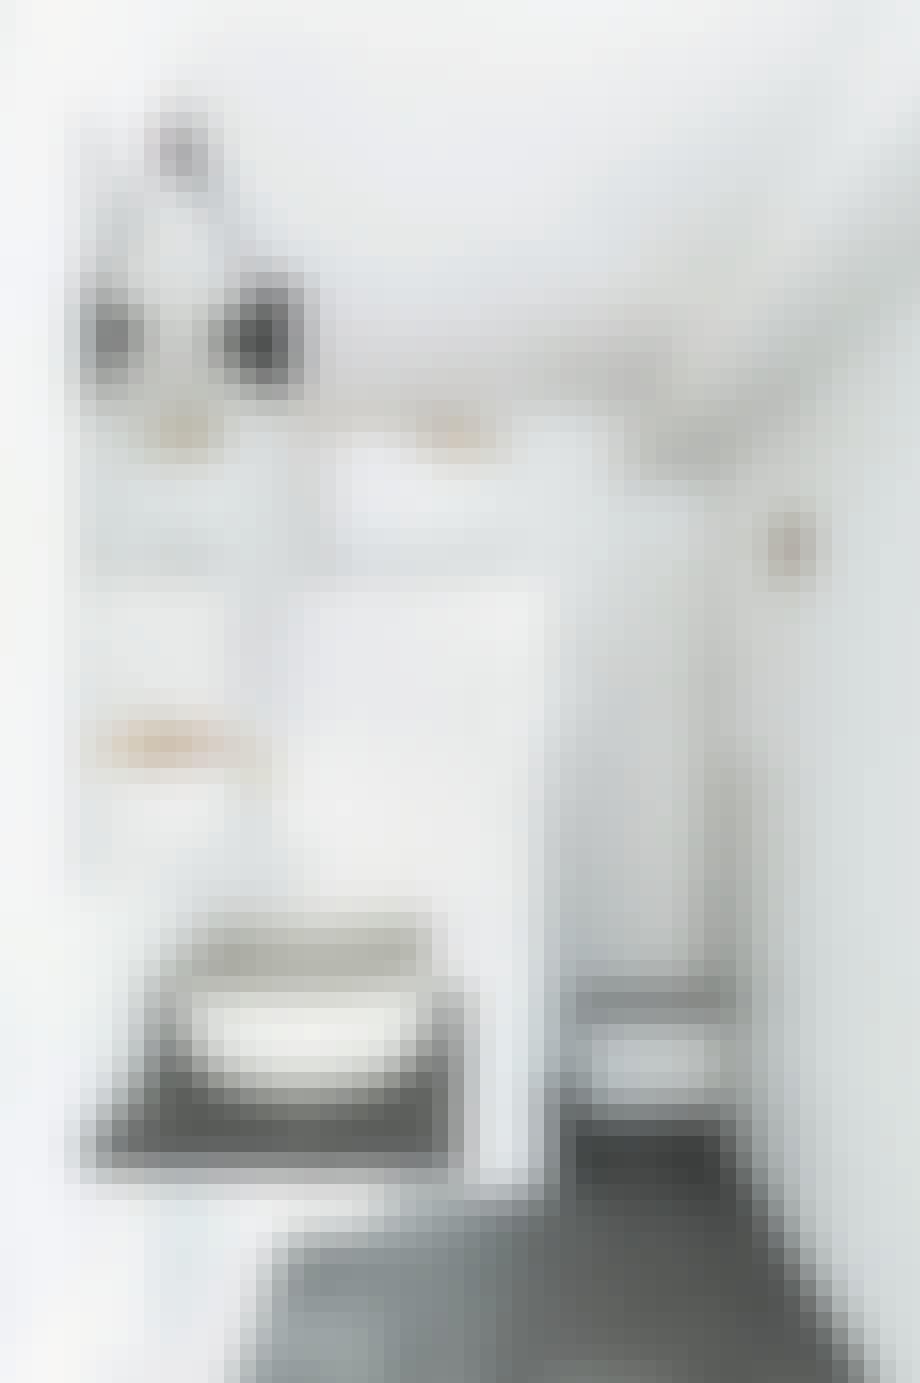 Badeværelse med hvide glaserede fliser og matte mønstrede fliser